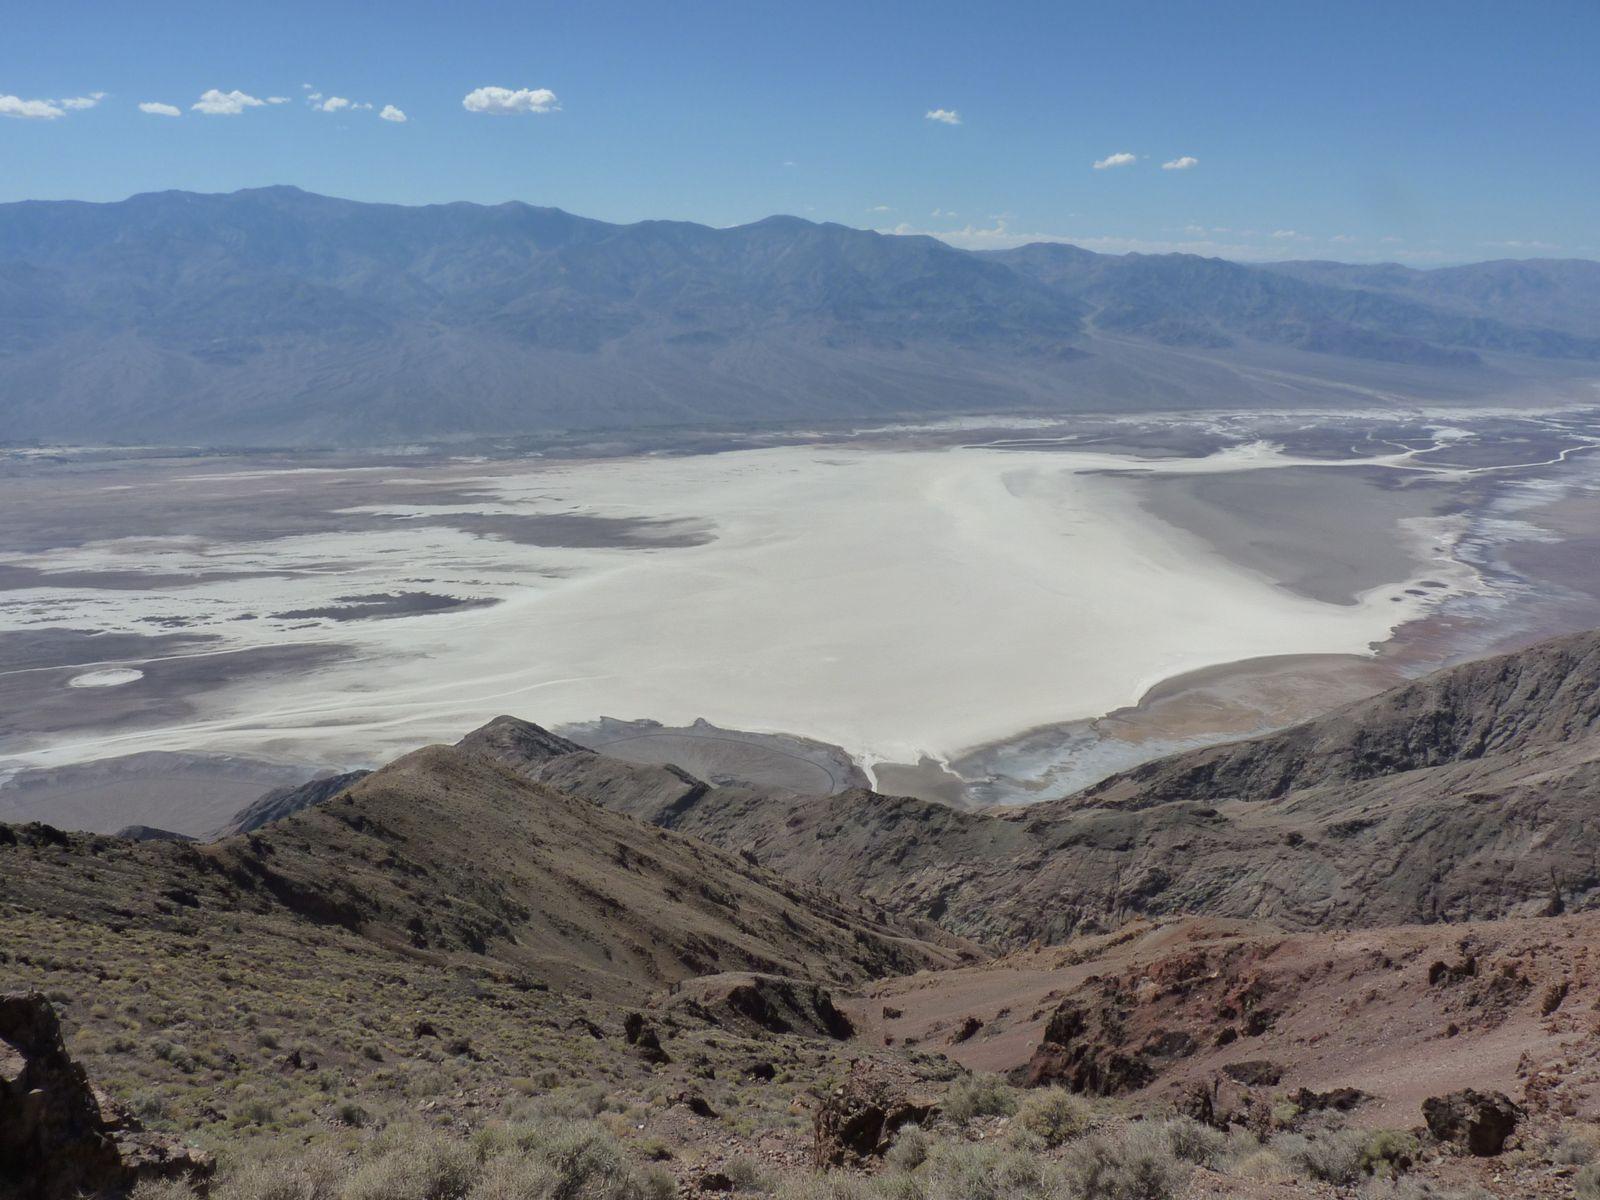 Forcement à 1669 mètres d'altitude ca monte pas mal ! Une fois en haut le spectacle est grandiose.